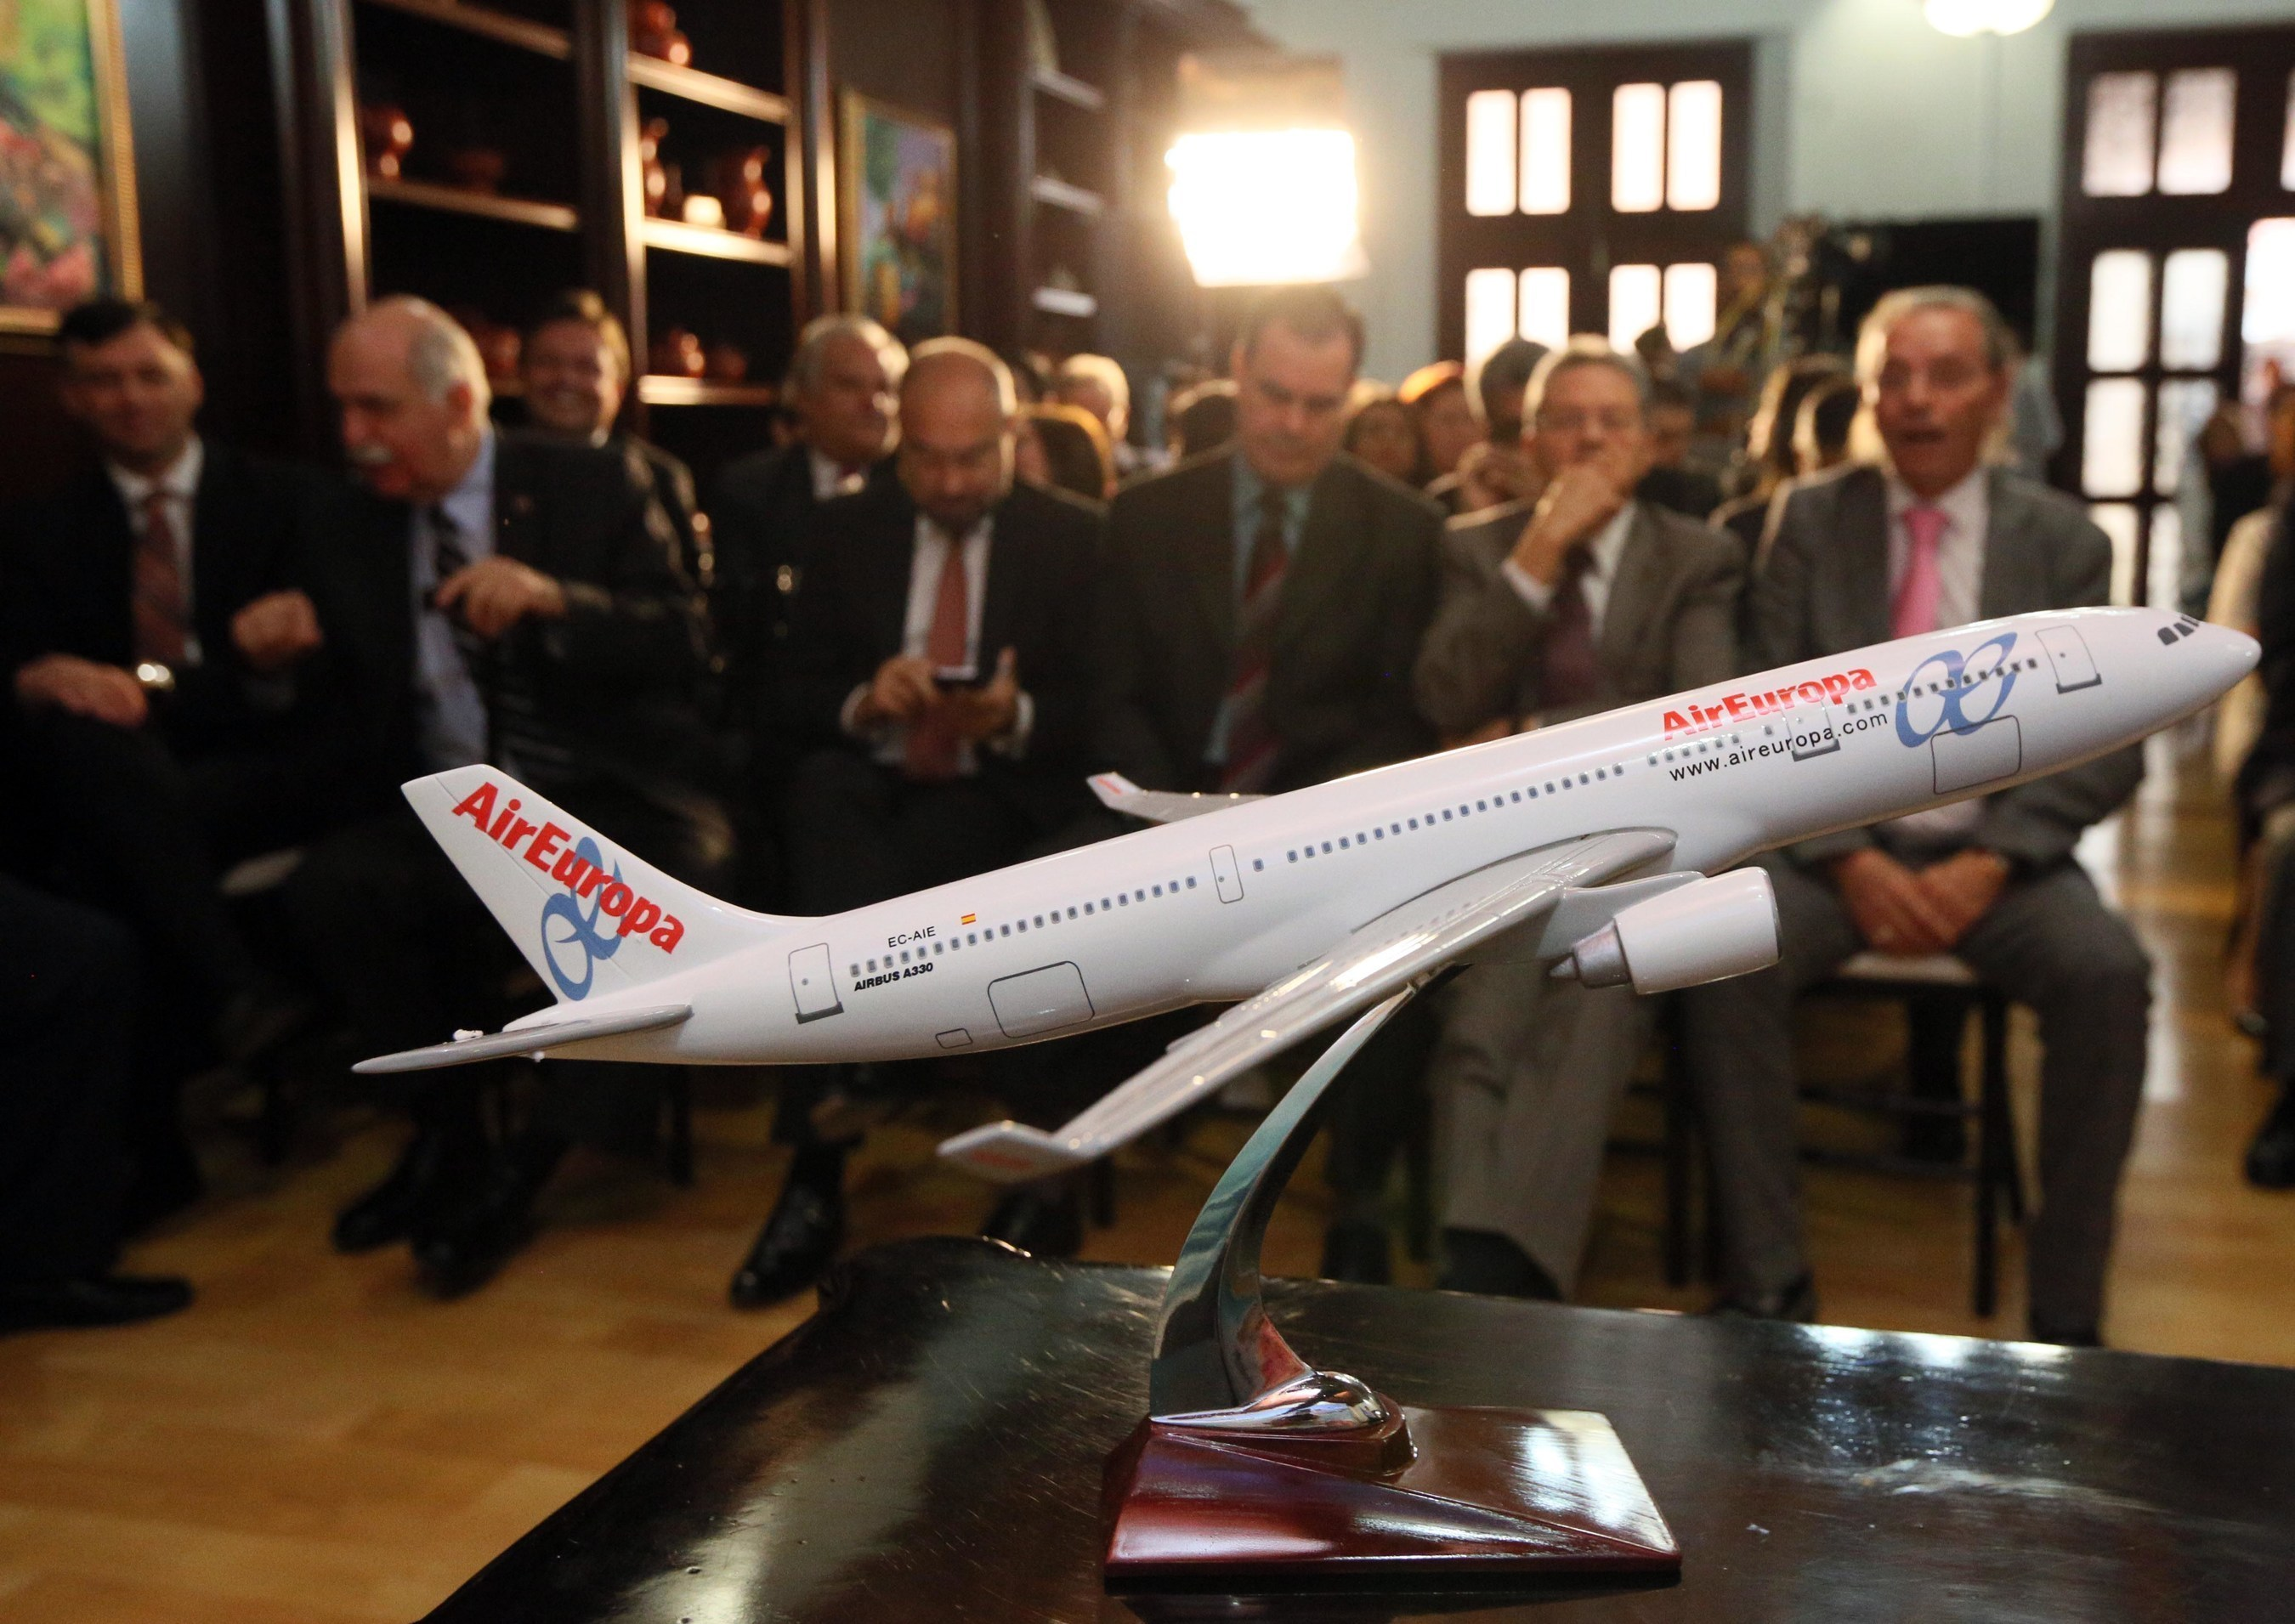 Hondurans welcome new Air Europa flights.